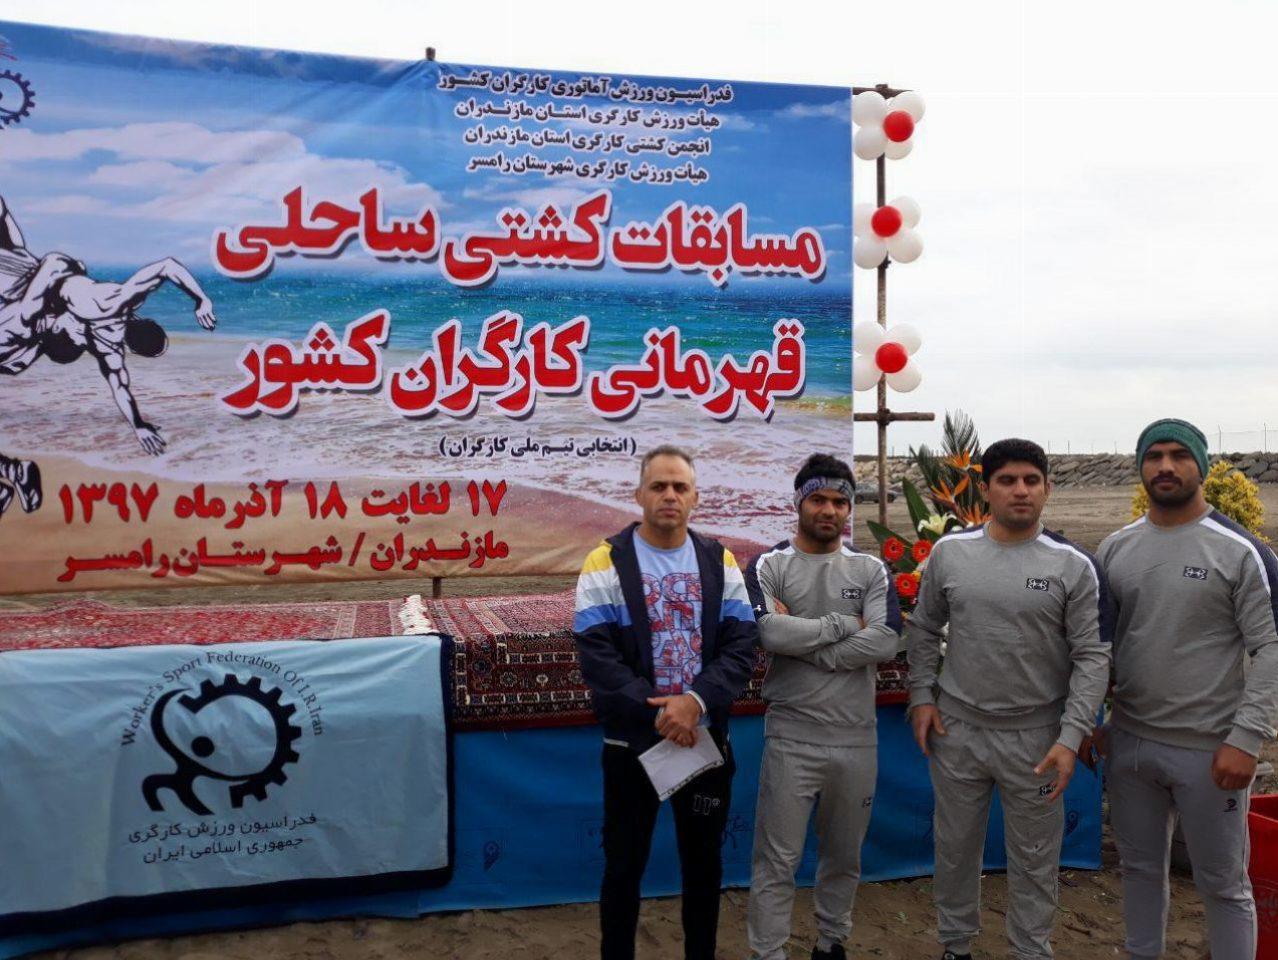 تیم کشتی ساحلی آقایان کارگر استان به مسابقات قهرمانی کارگران کشور به میزبانی مازندران اعزام شد.